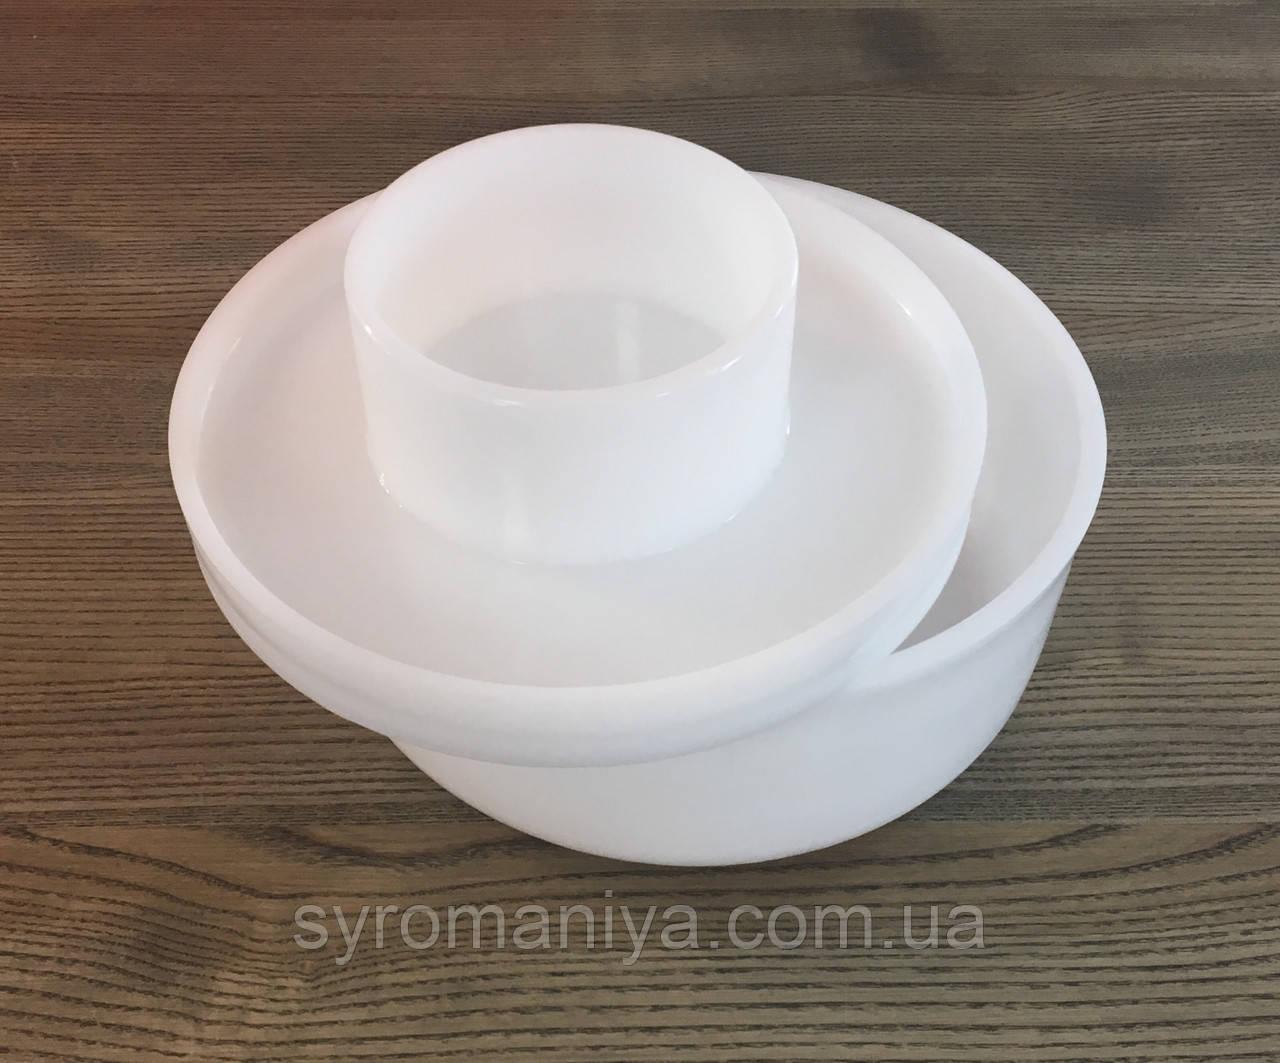 Форма для сыров с поршнем до 2,5 кг